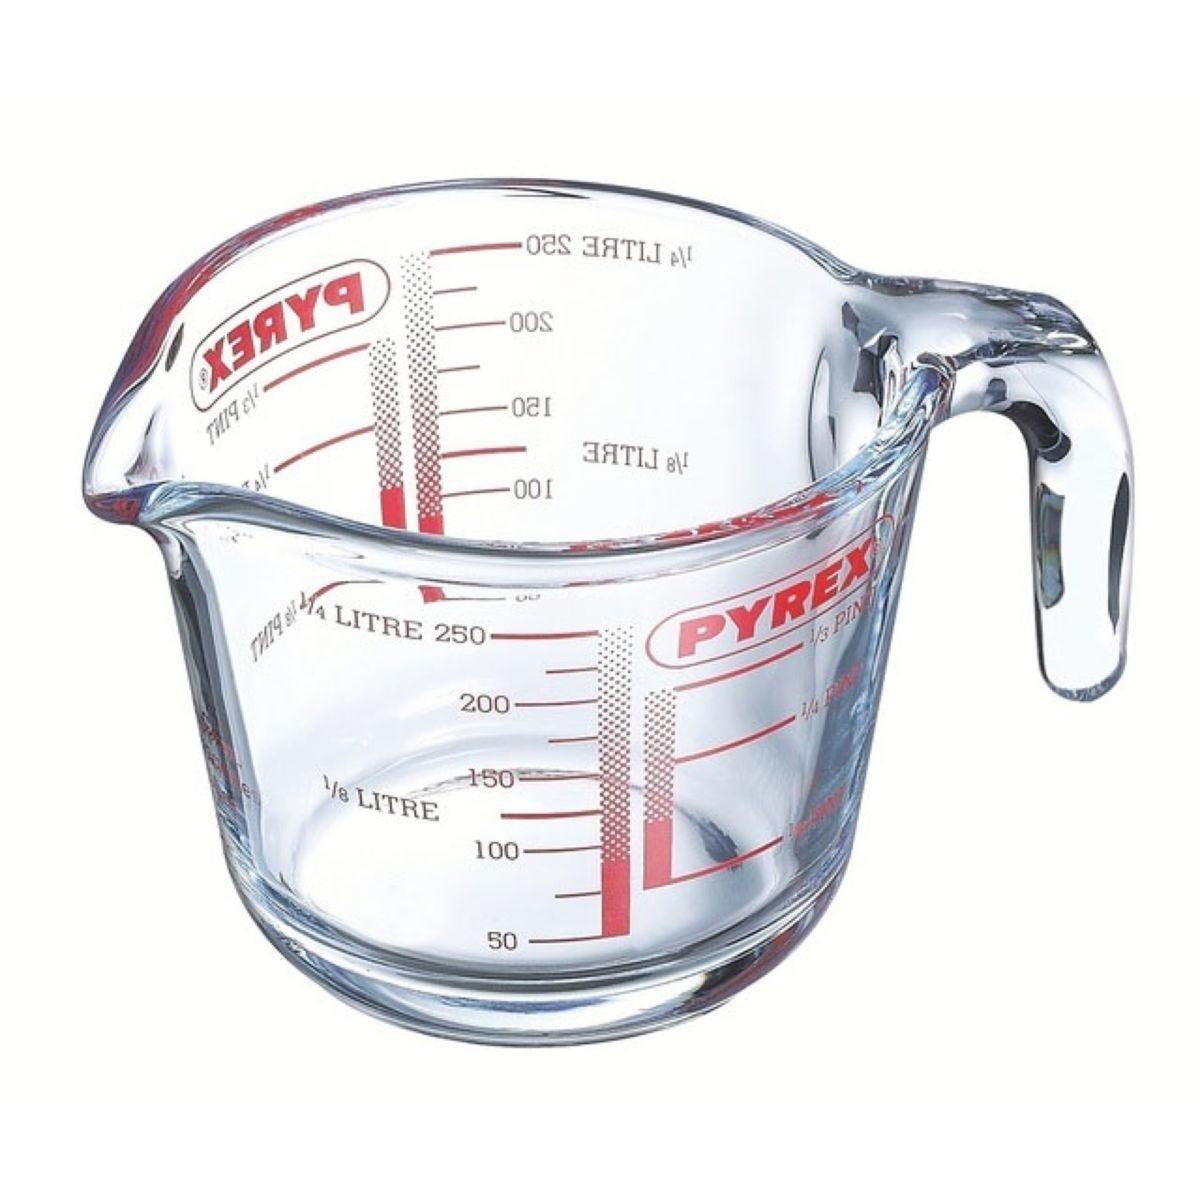 Pyrex 250ml Measuring Jug